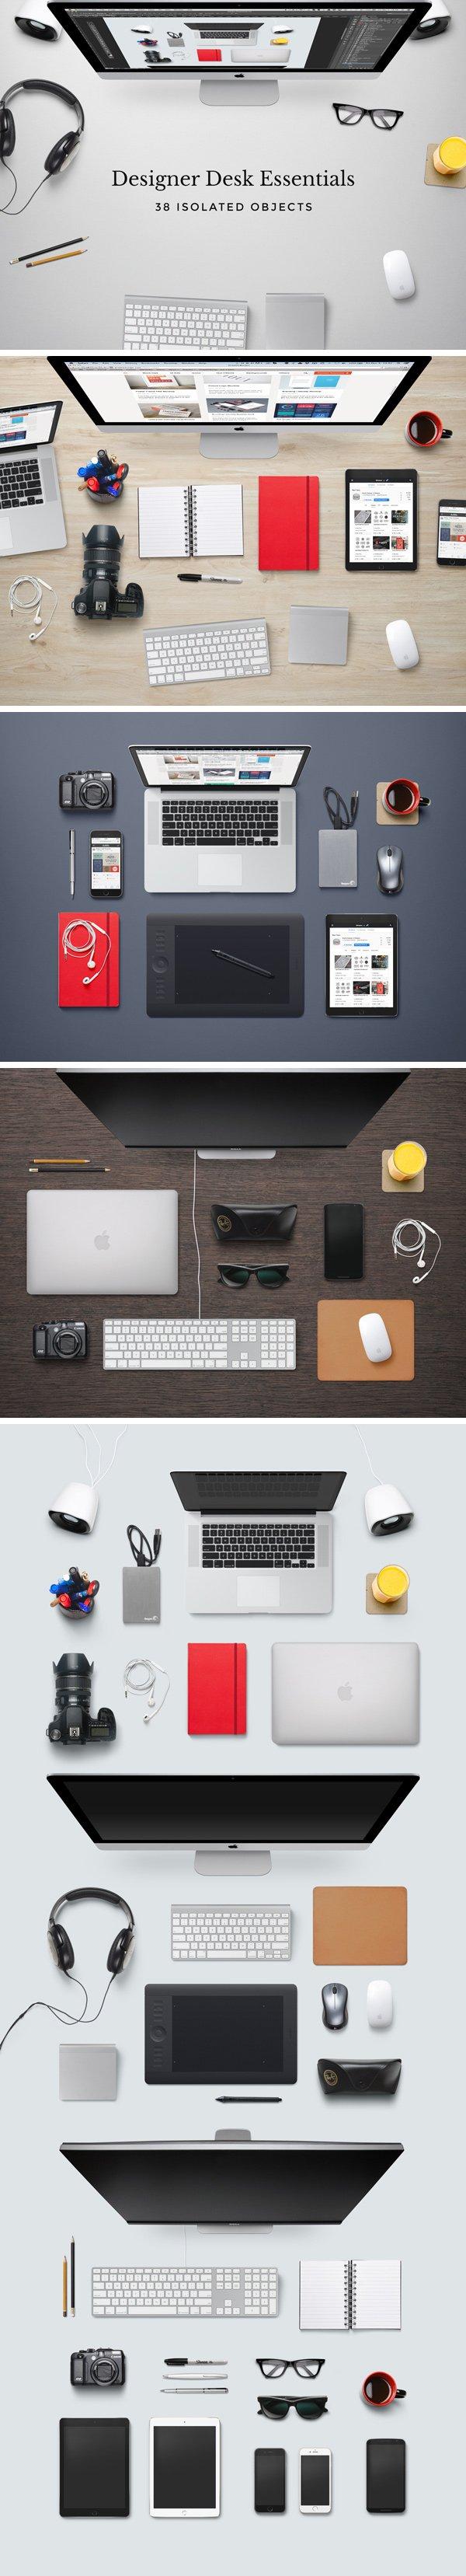 Designer Desk Essentials (.Psd) скачать бесплатно